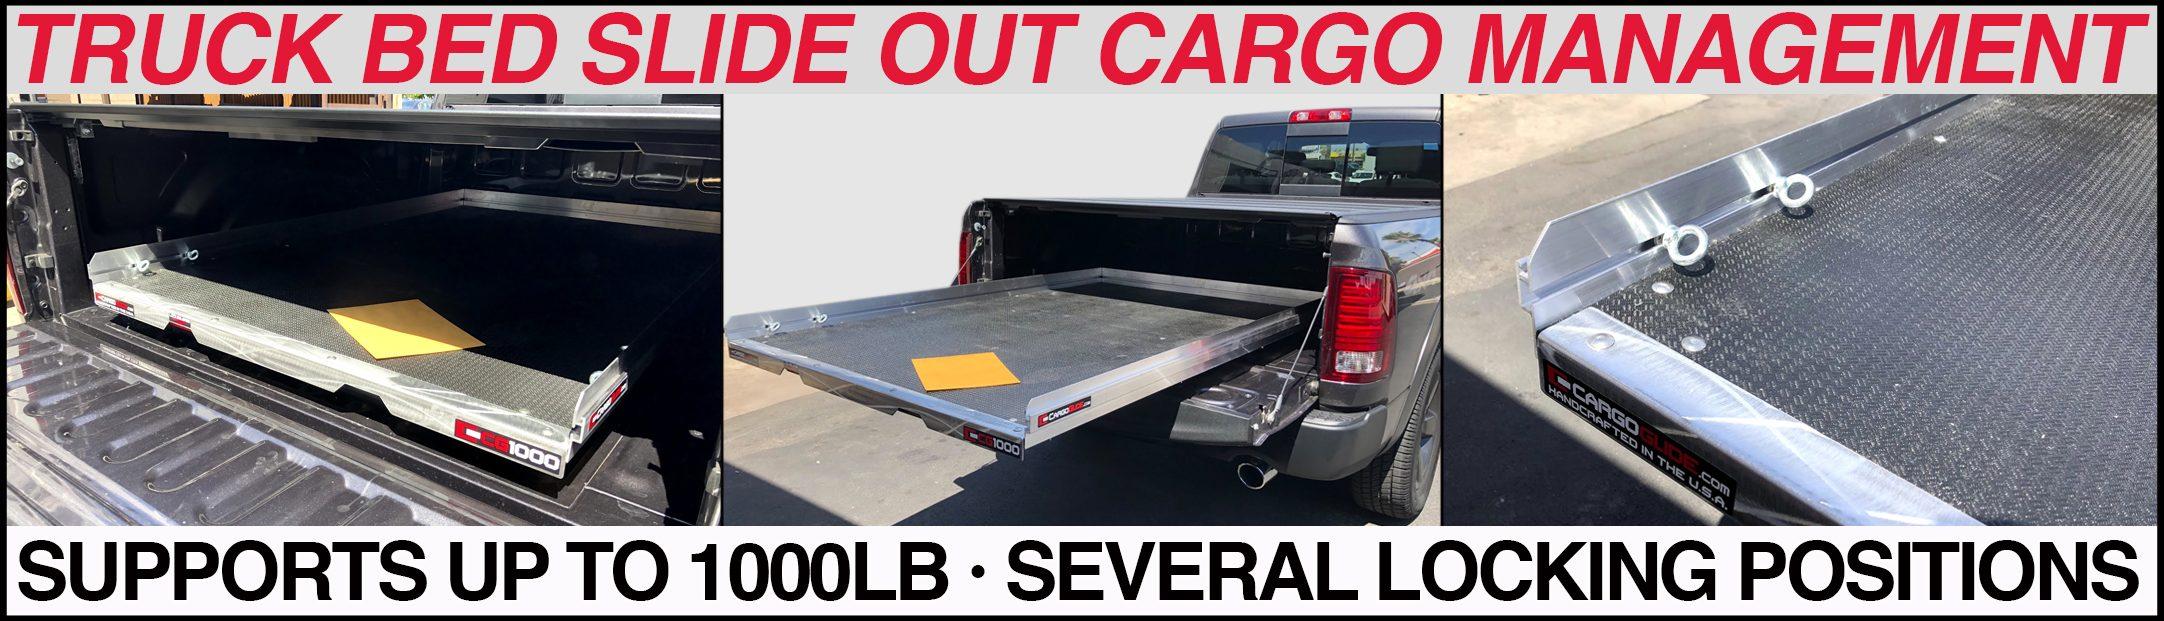 cargoglide cg1000 truck bed slide